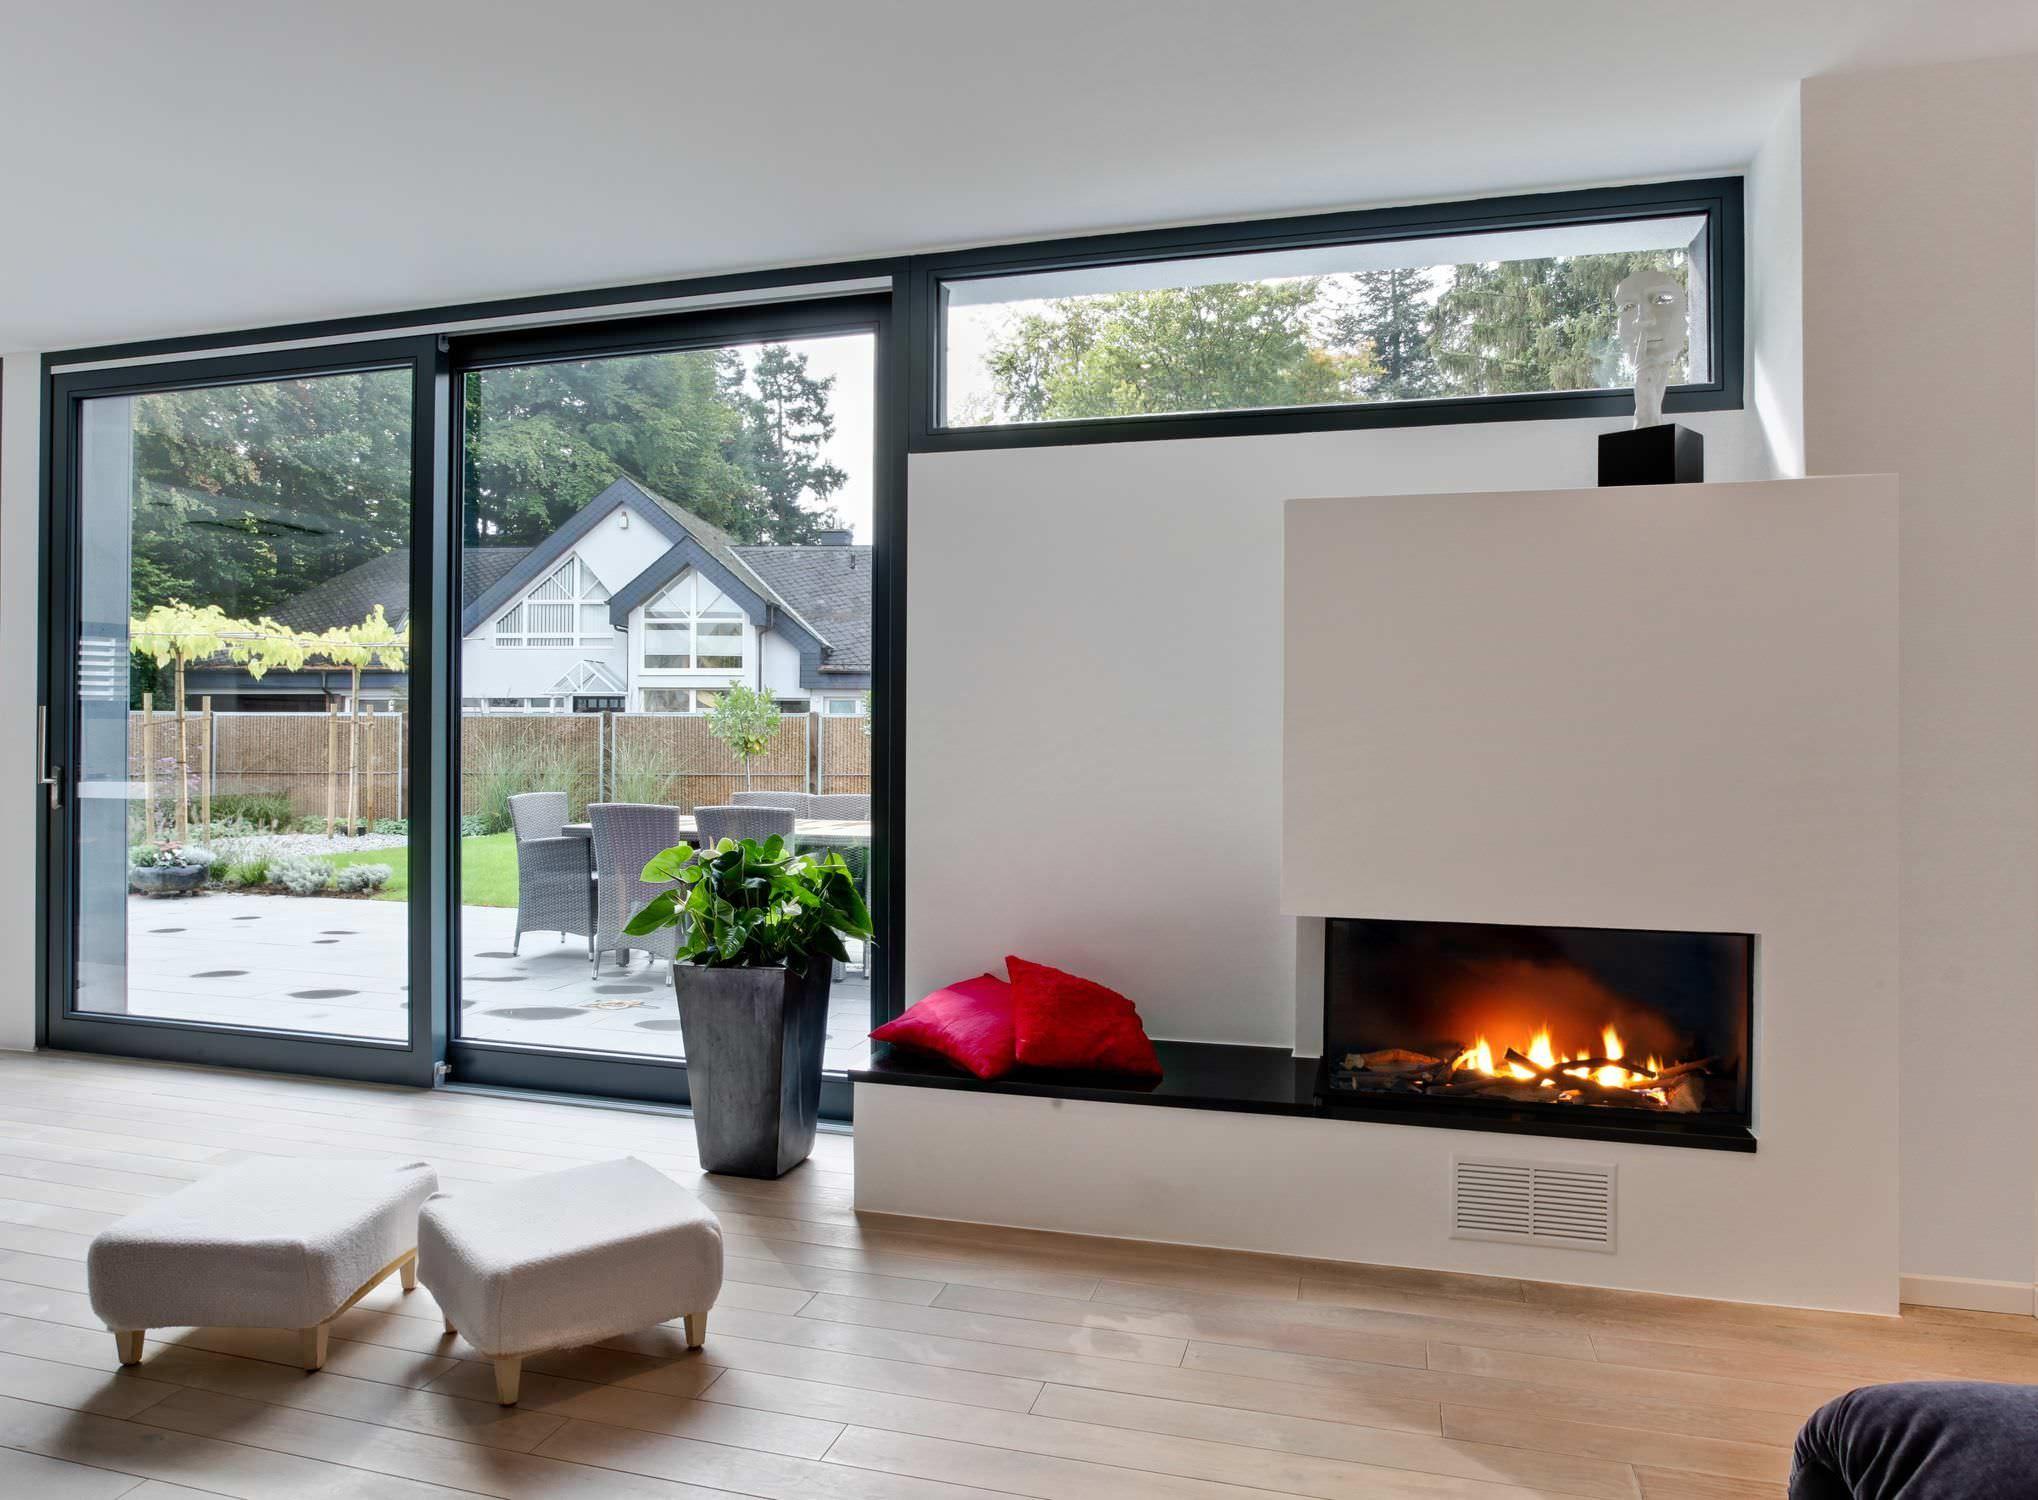 Épinglé Sur Foyer - Fireplace dedans Cheminée Gaz Naturel